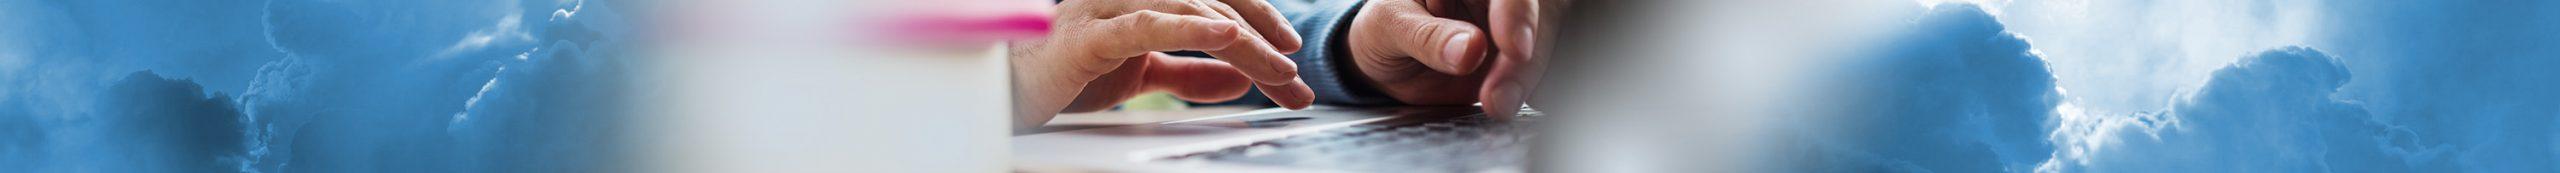 Online Resources Banner